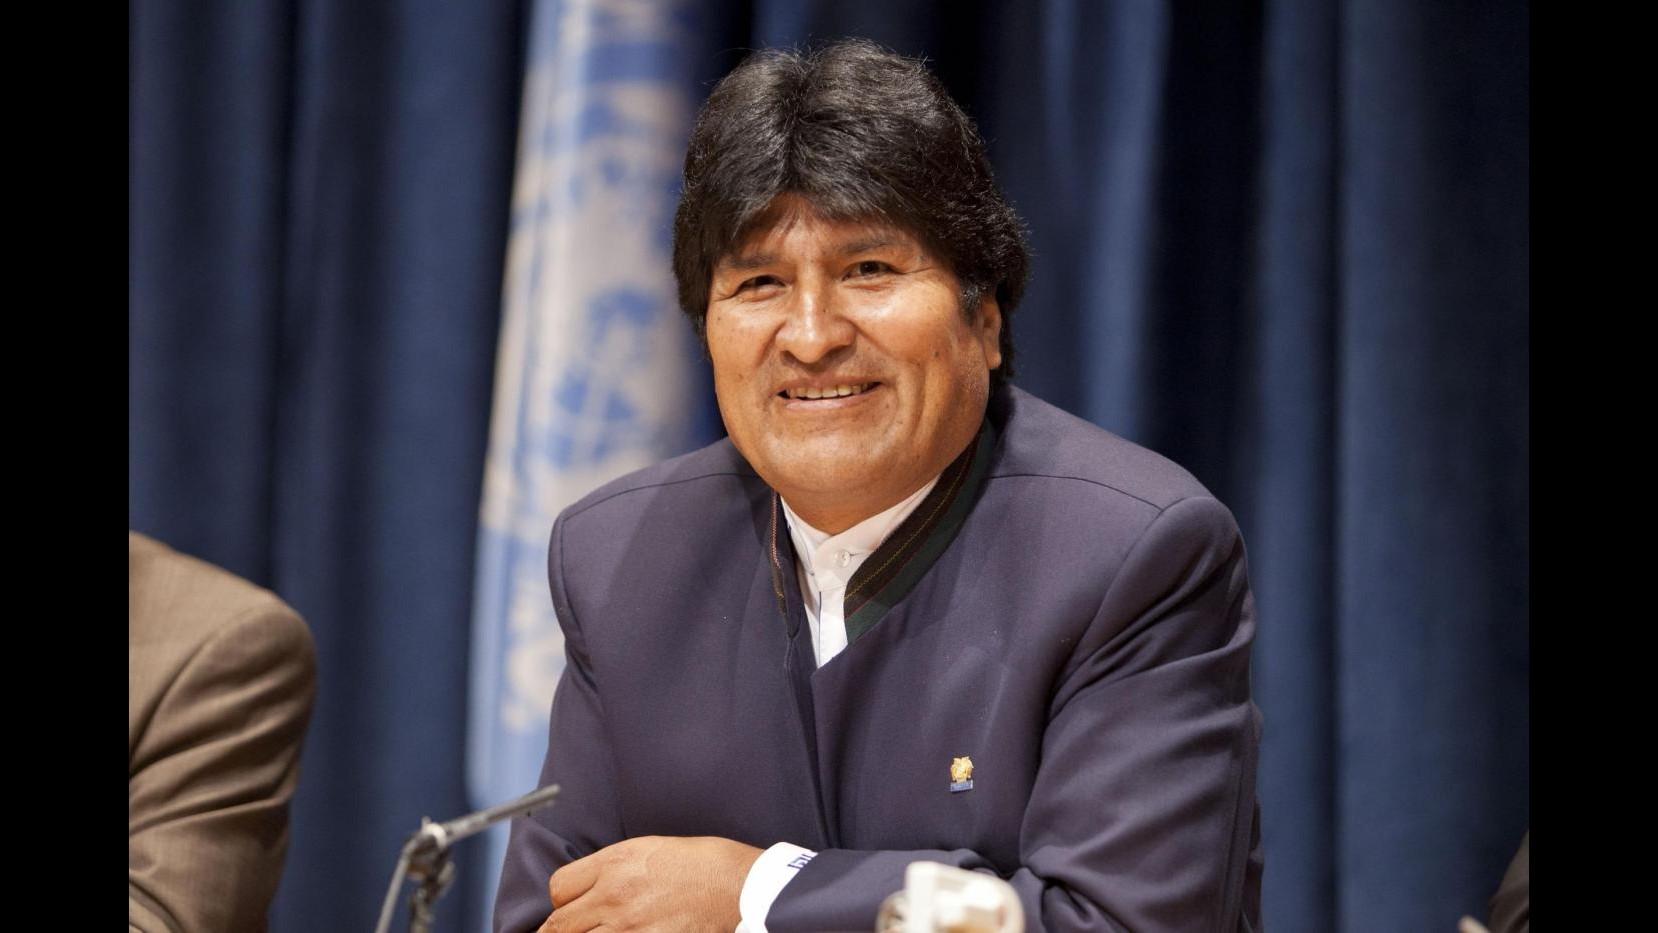 Usa vietano a Maduro sorvolo spazio aereo. Morales minaccia azione legale